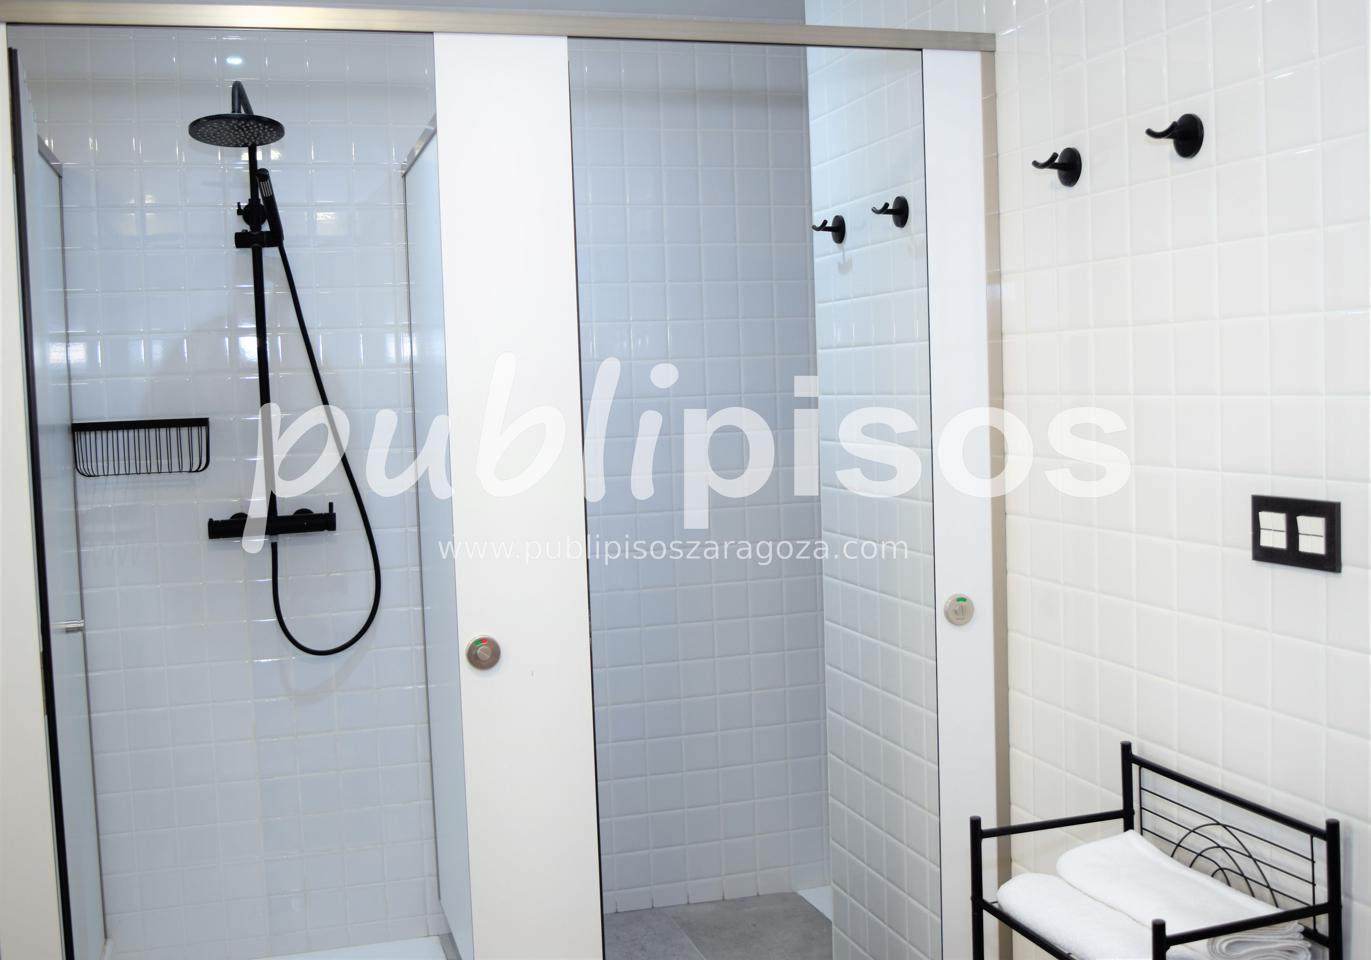 Alquiler habitaciones para estudiantes Zaragoza-7